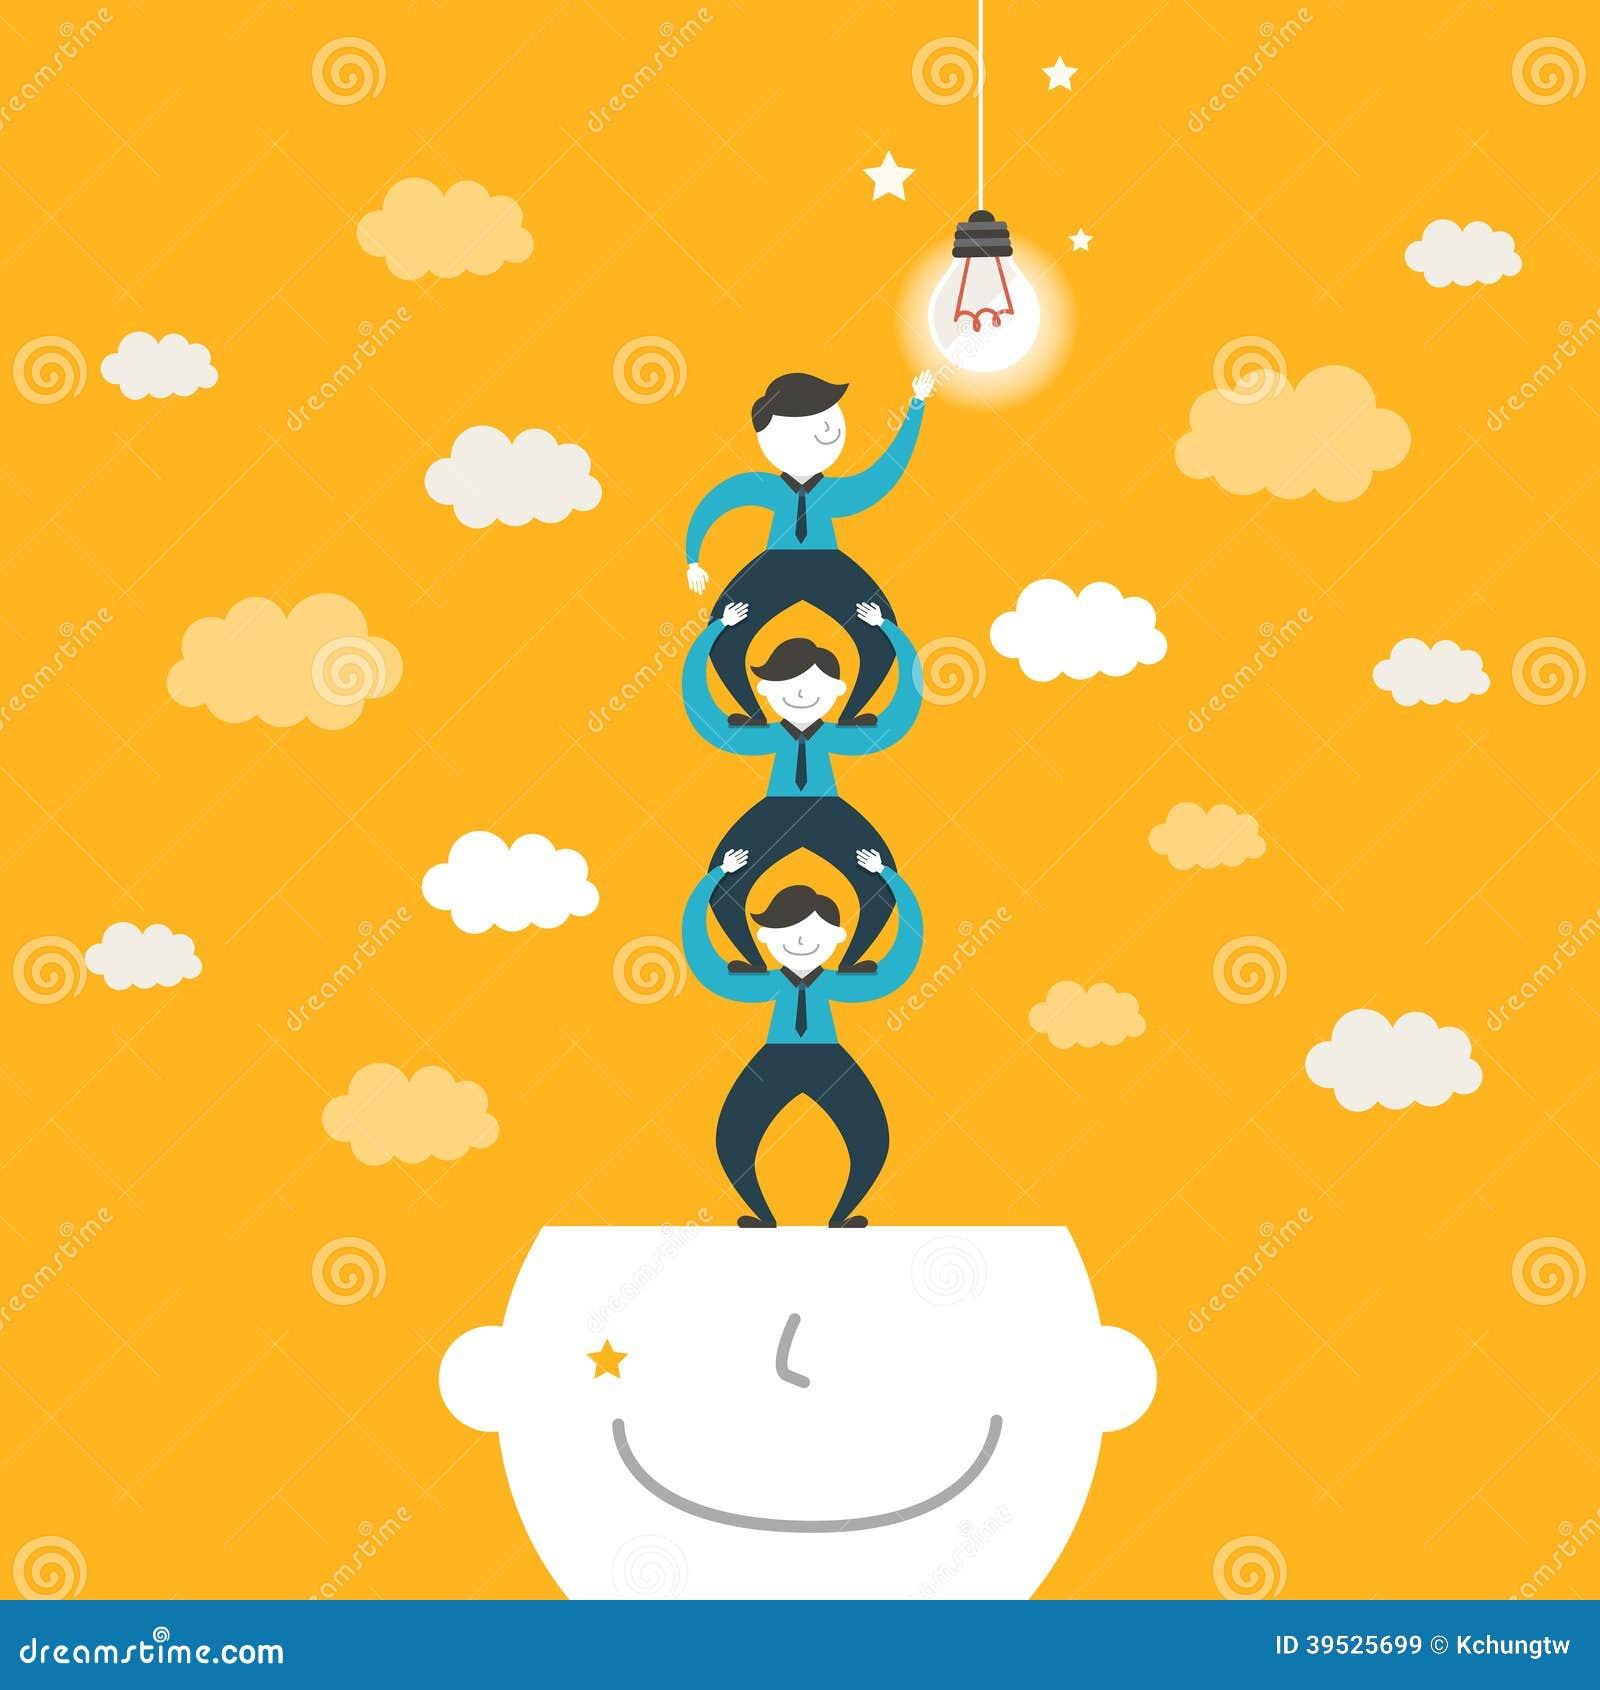 Illustratieconcept het teamwerk